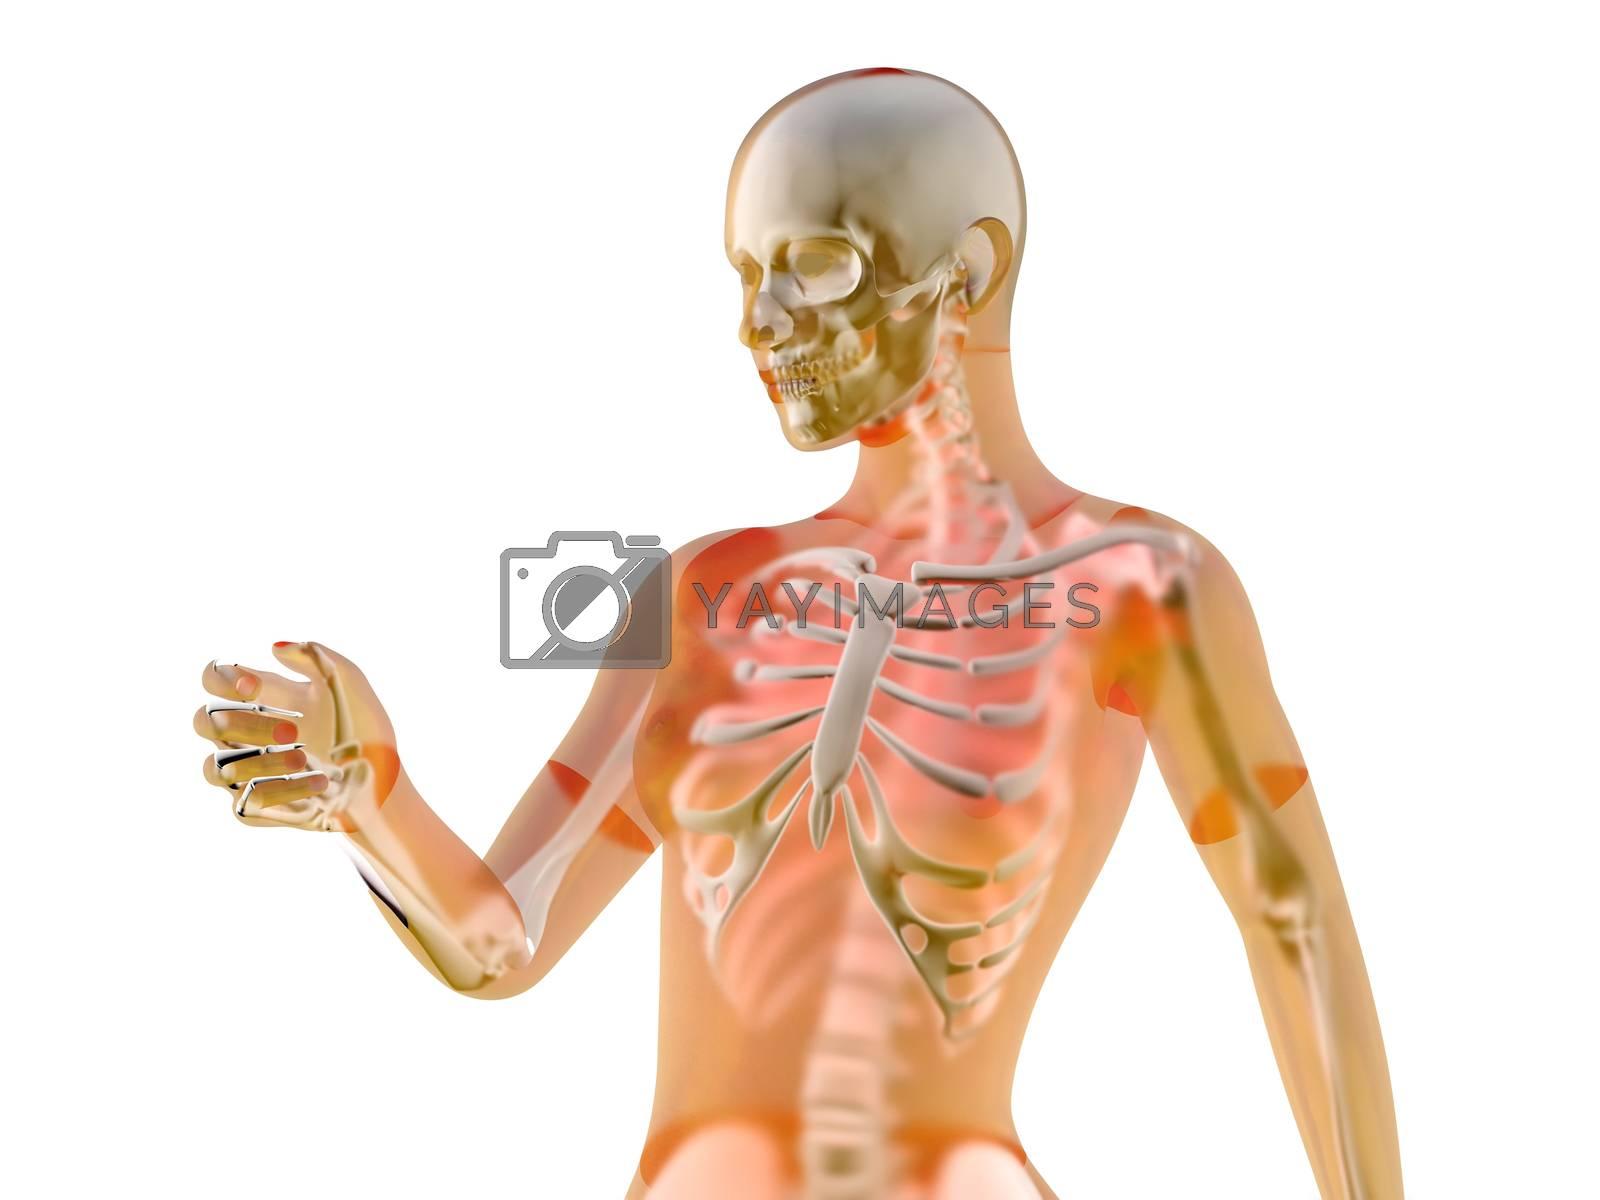 Female anatomy visualization. 3D Illustration isolated on white.